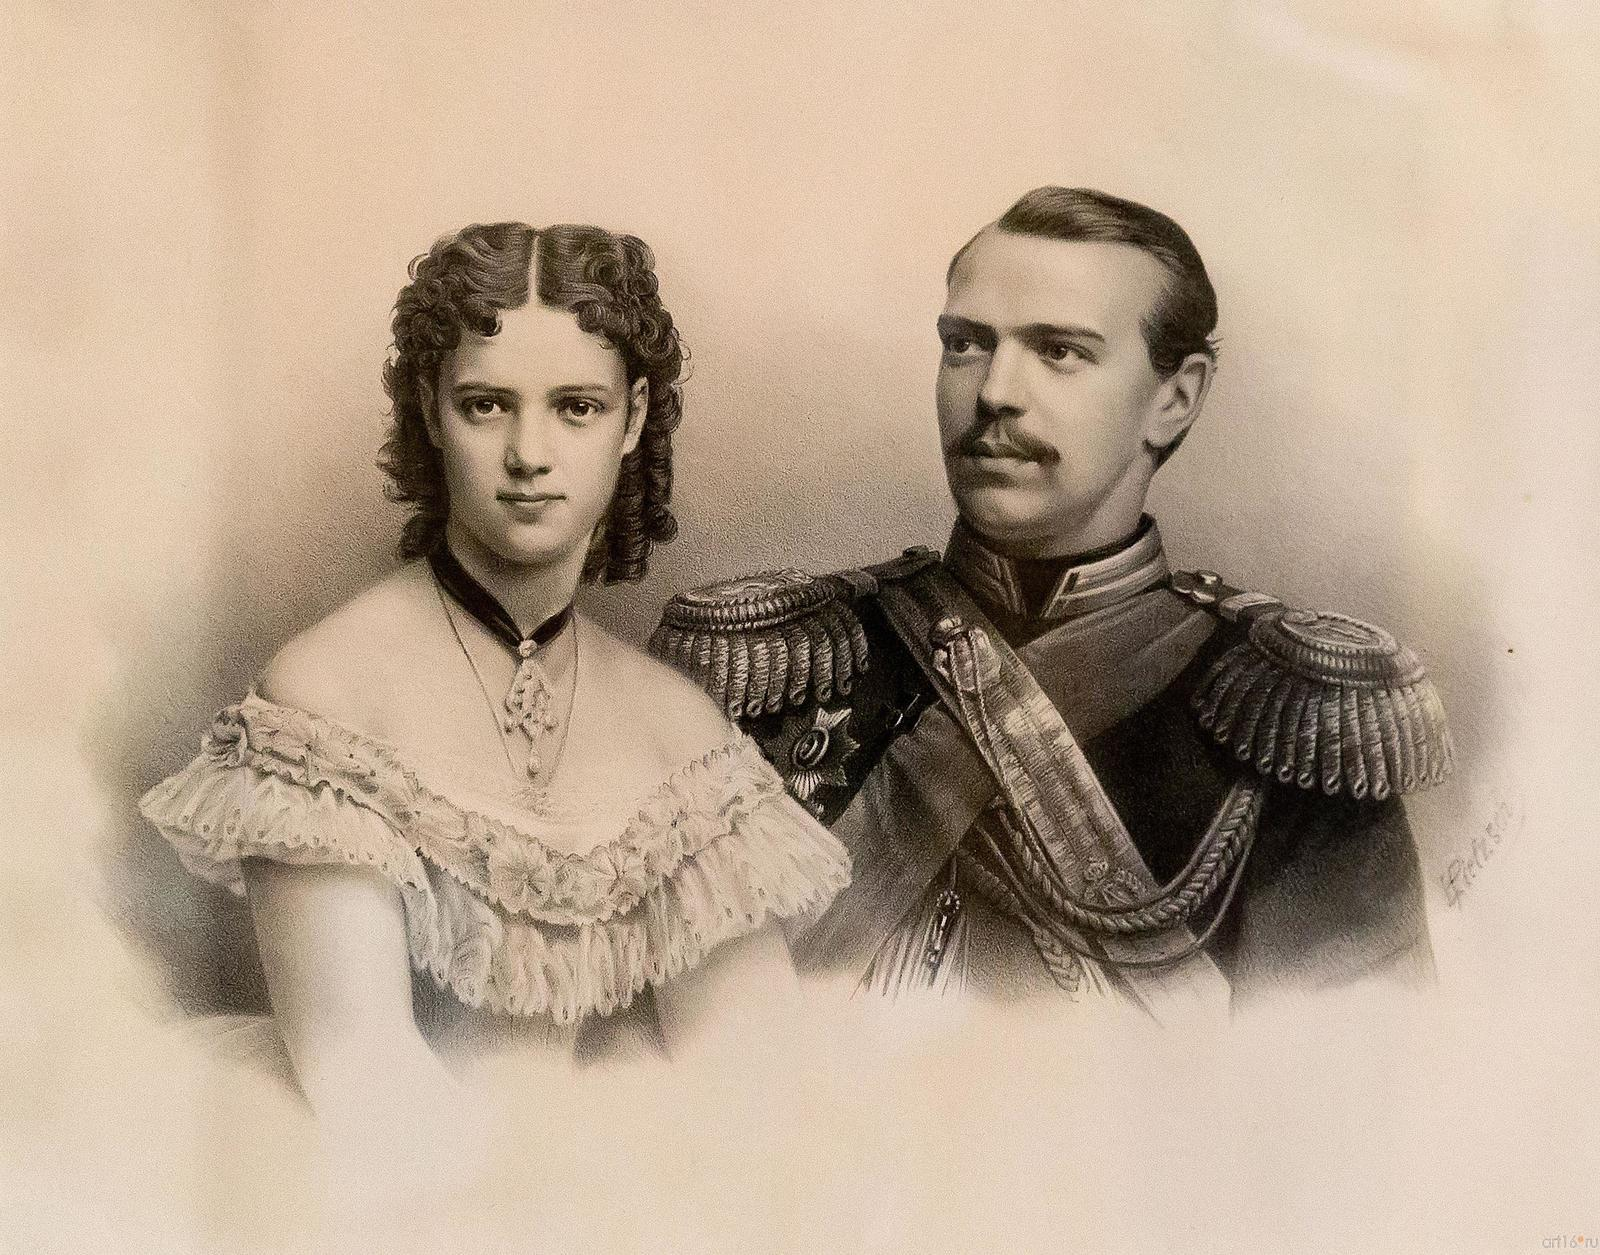 Фото №739281. Портрет великого князя наследника цесаревича Александра Александровича с великой княгиней Марией Федоровной. 1867